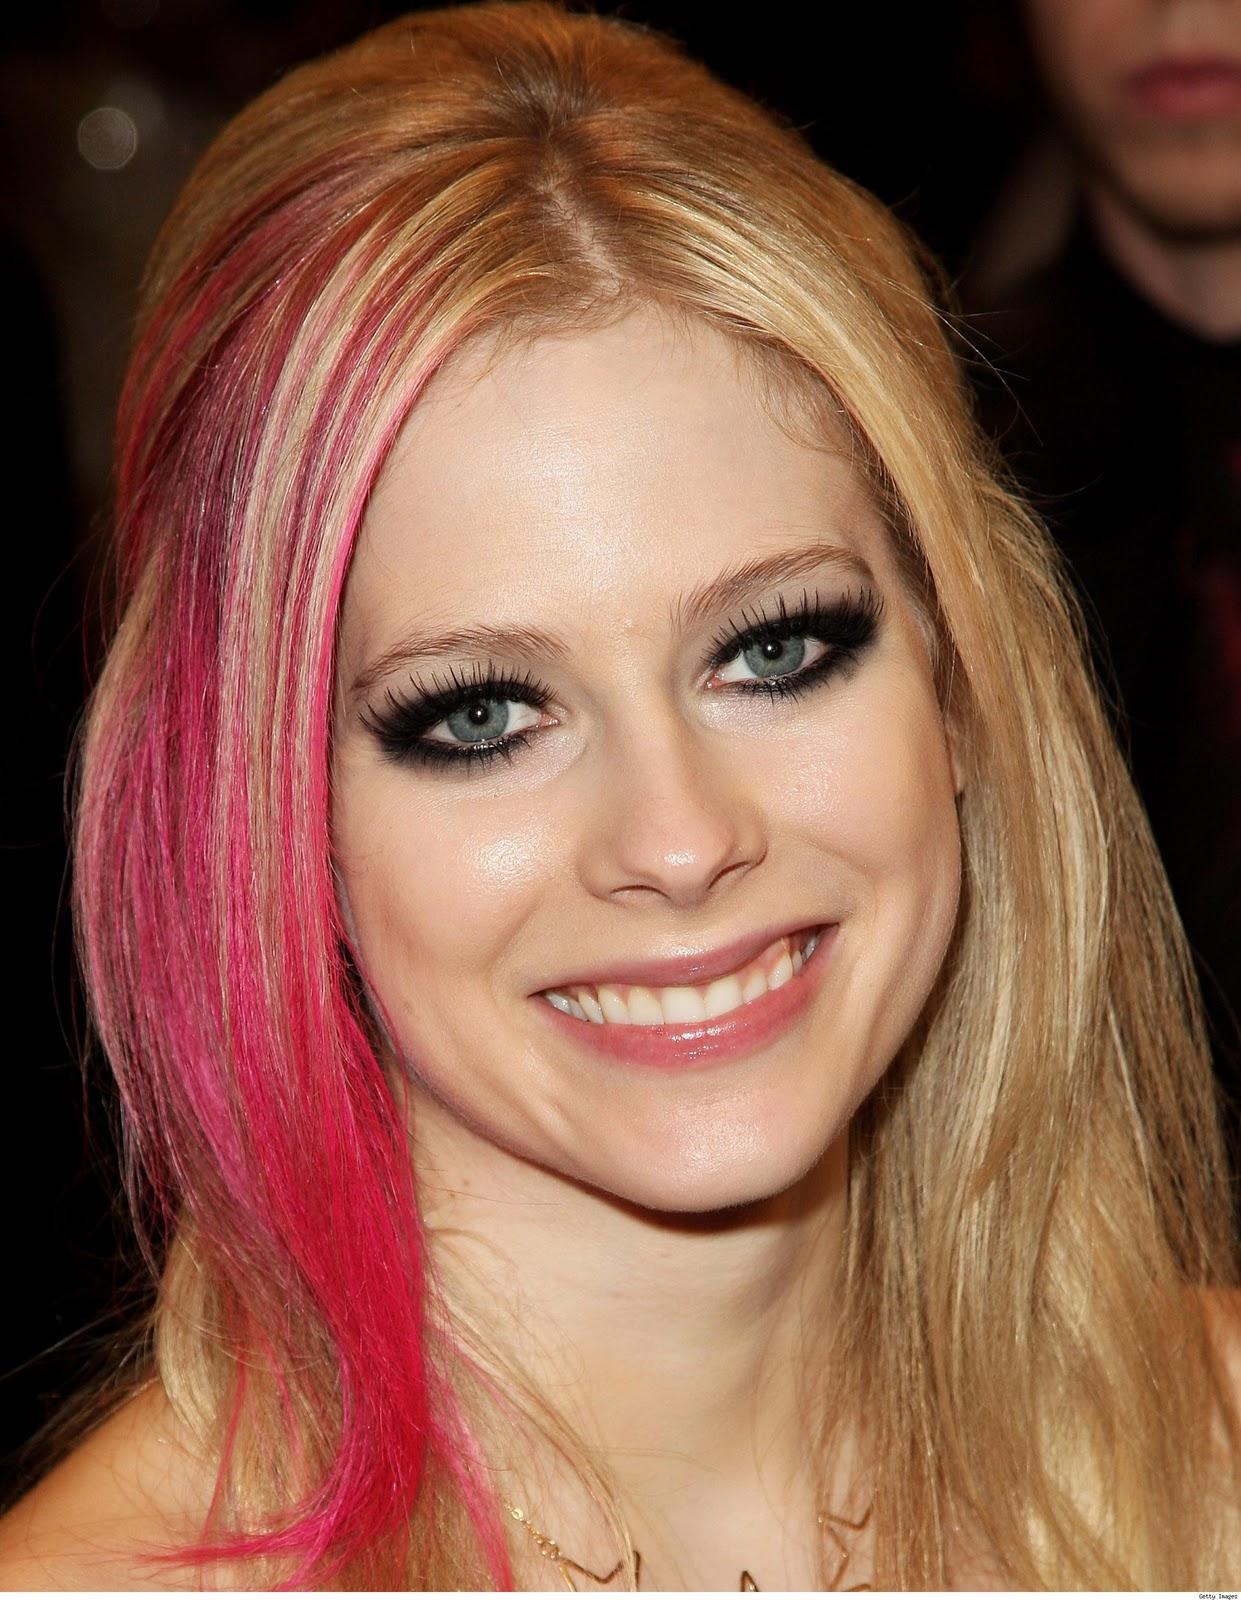 http://3.bp.blogspot.com/_jPsUHRPlxFw/TRV2YMfCykI/AAAAAAAACC4/YhrUiM0zQ98/s1600/Avril%252525252525252BLavigne-pink.jpg